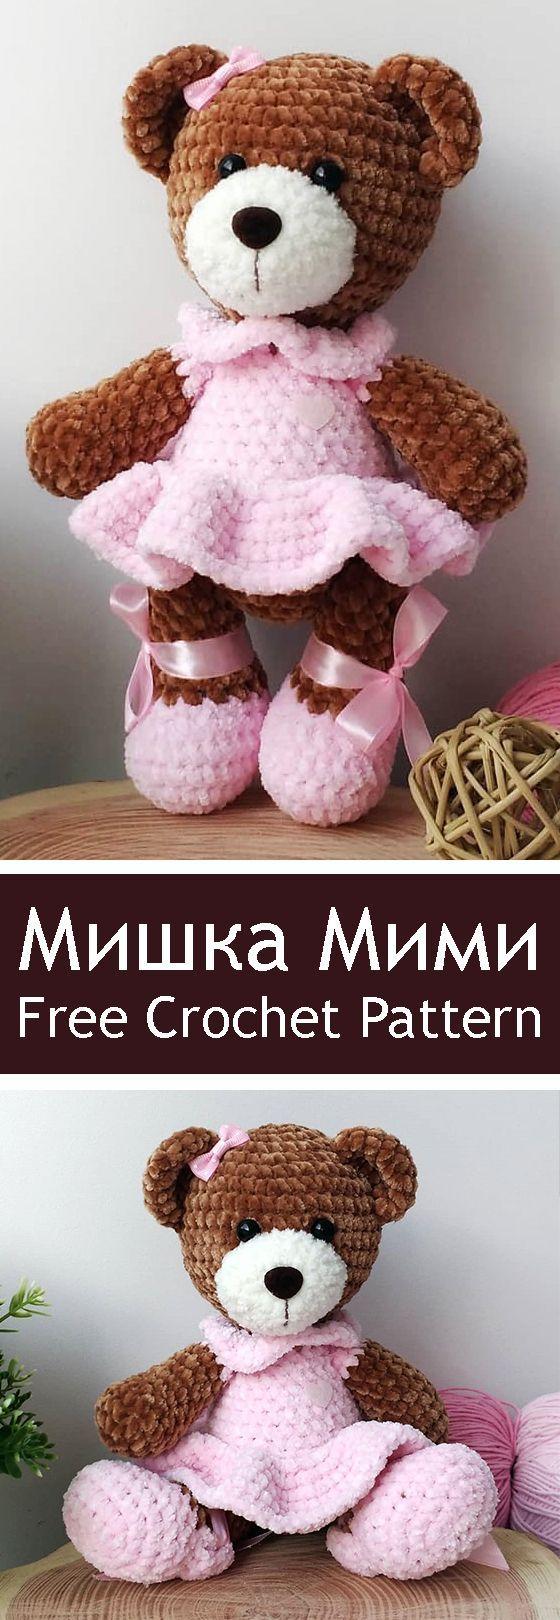 Бесплатные схемы игрушек амигуруми #amigurumicrochet